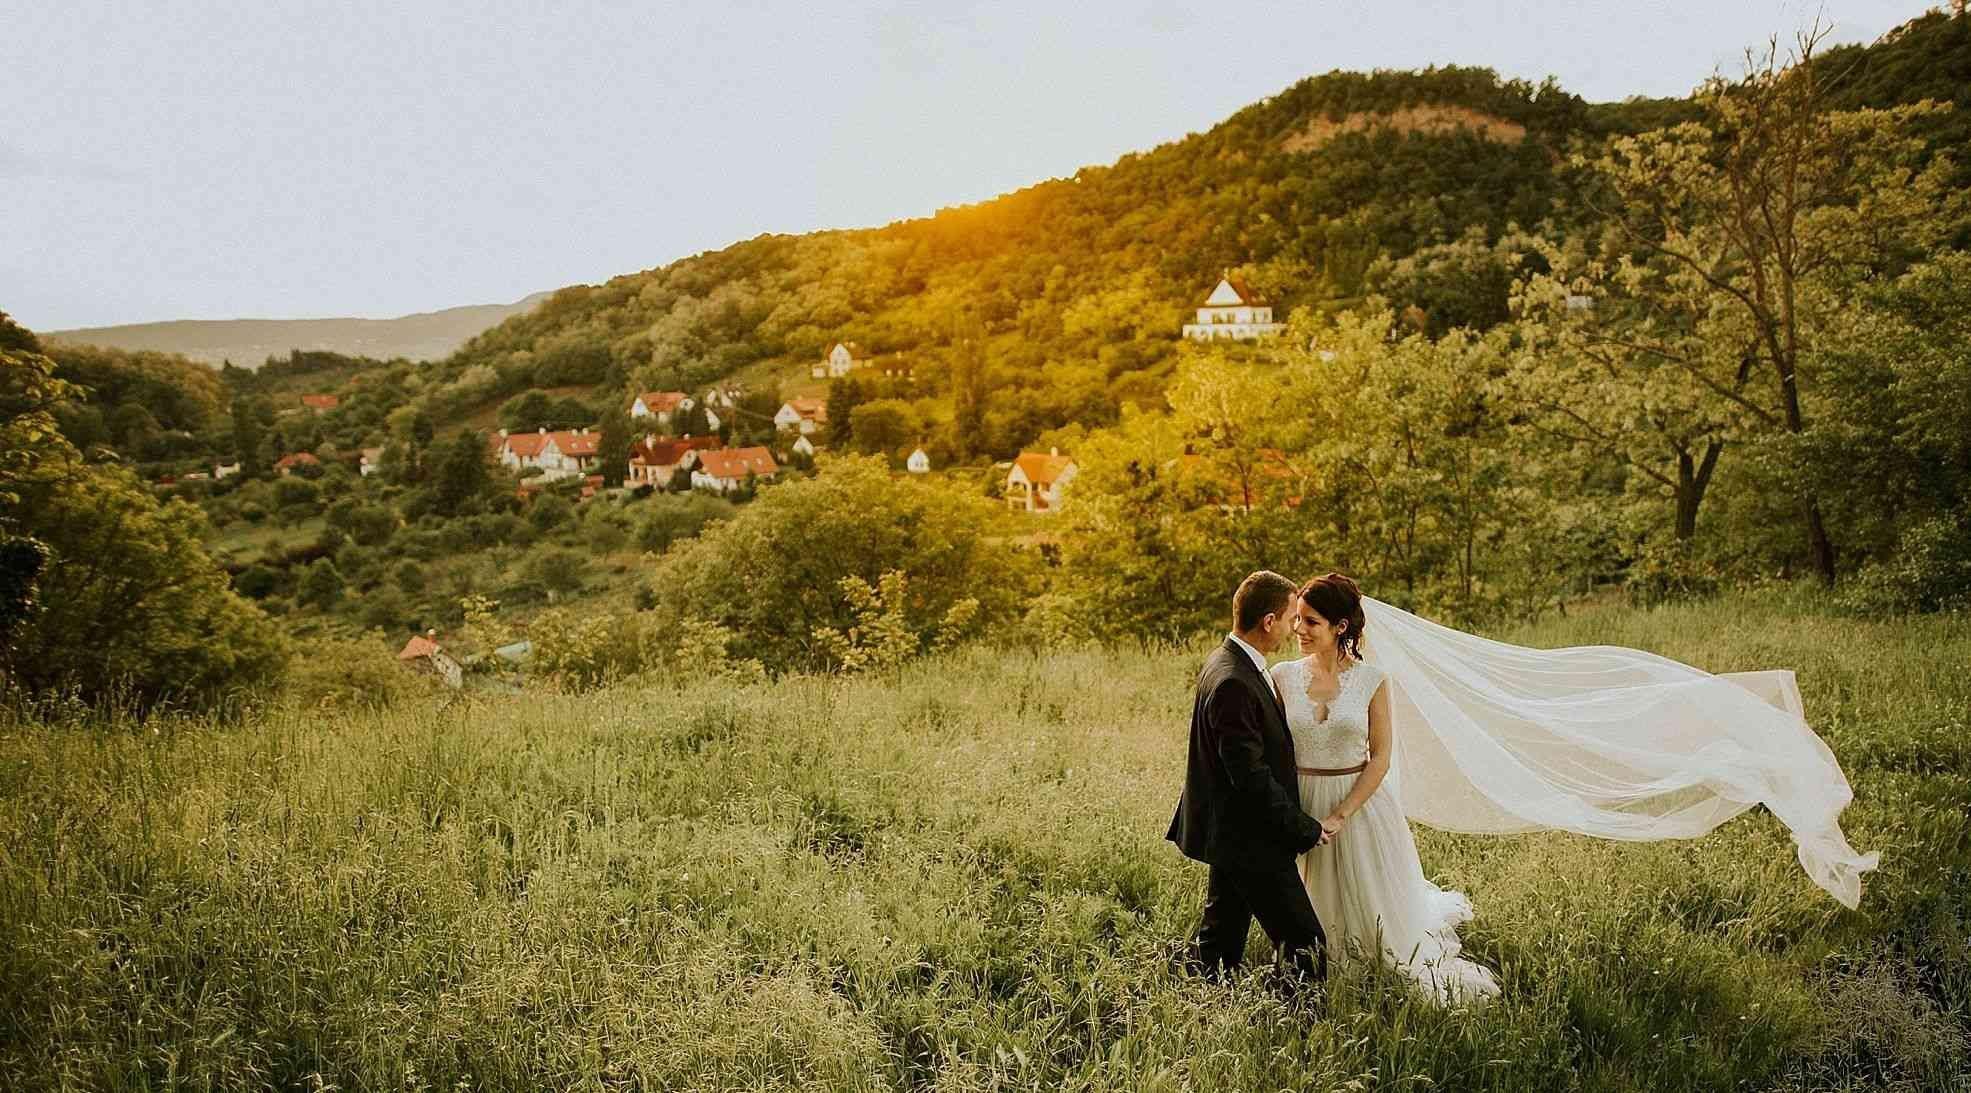 ,balaton parti esküvő,balaton-parti esküvő,balatoni esküvő,szigliget,kondella misi,esküvői beszámoló,